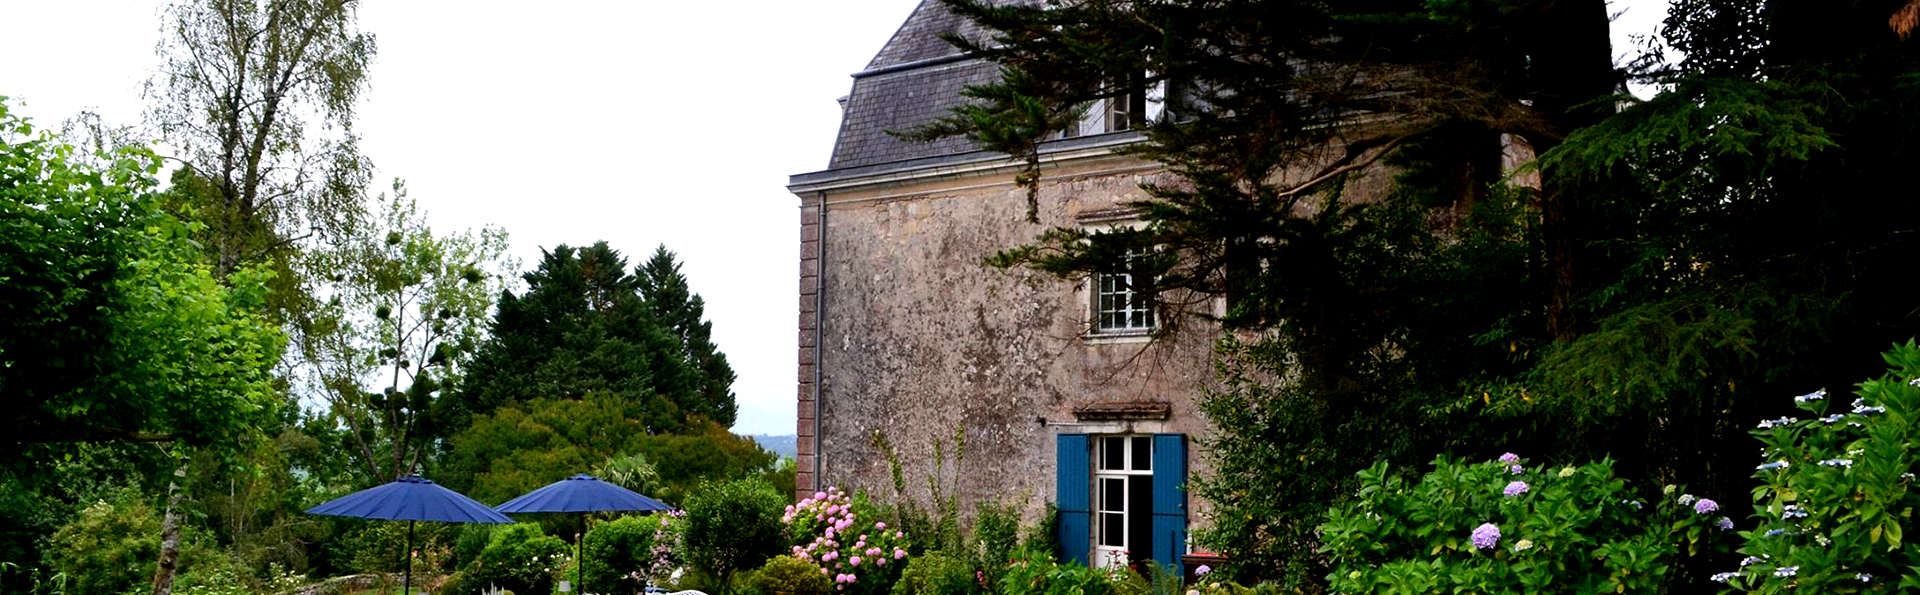 Château d'Estrac - Edit_Front.jpg